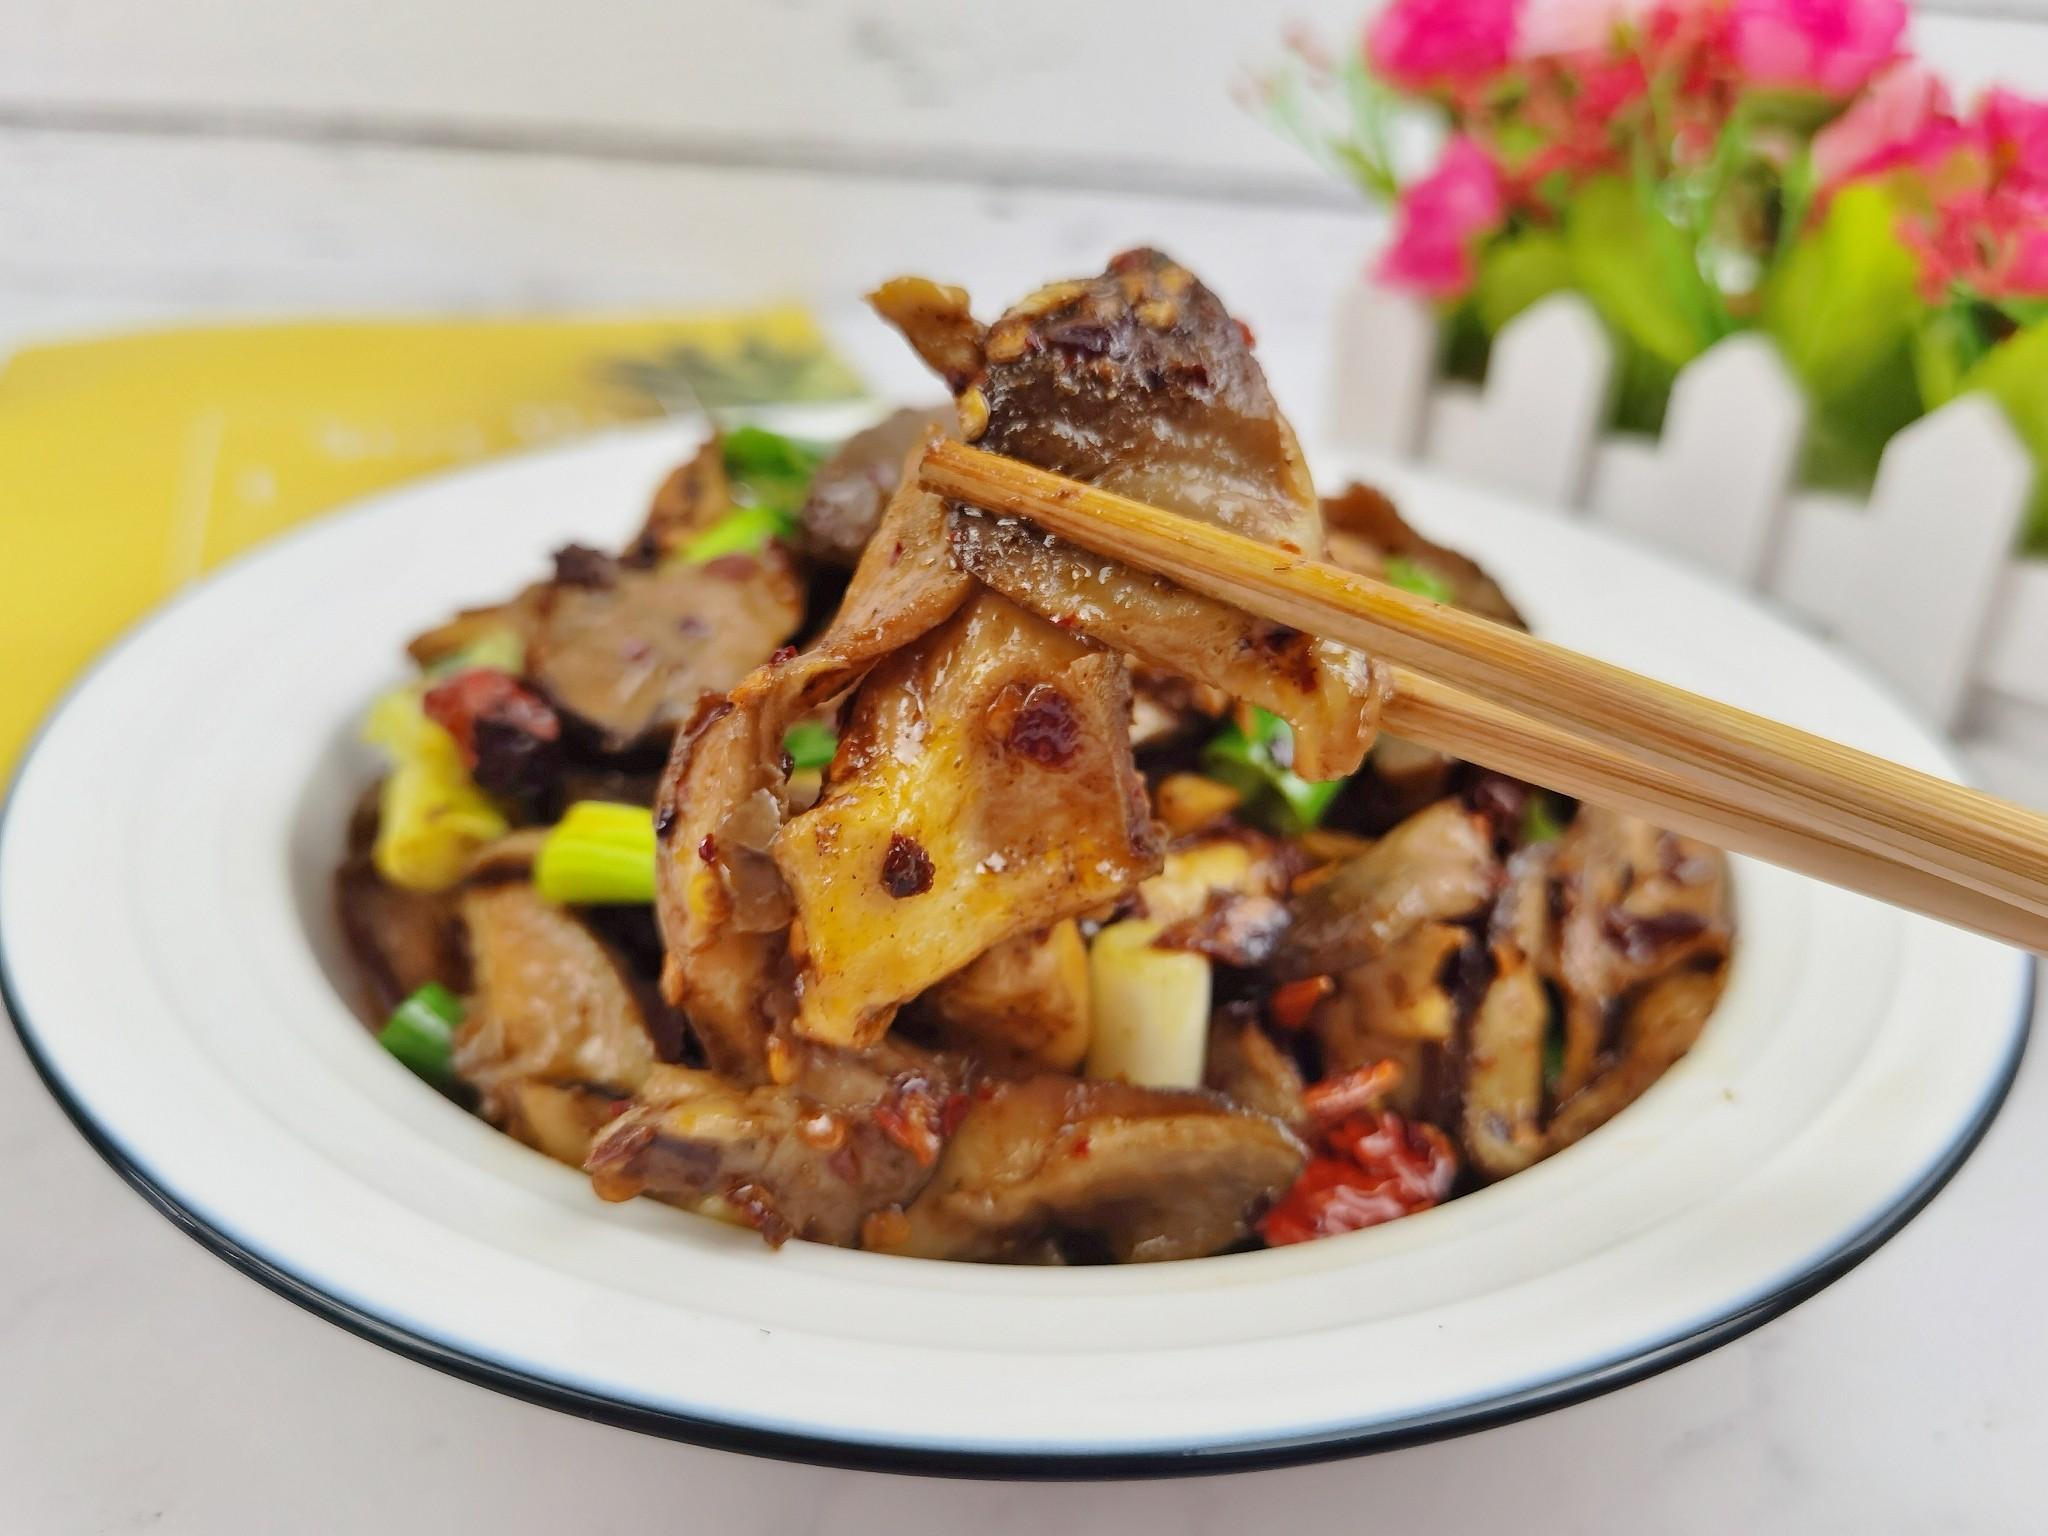 蘑菇新吃法-滑嫩鲜香辣炒孜然蘑菇,我竟然吃出了烤肉味怎么炖